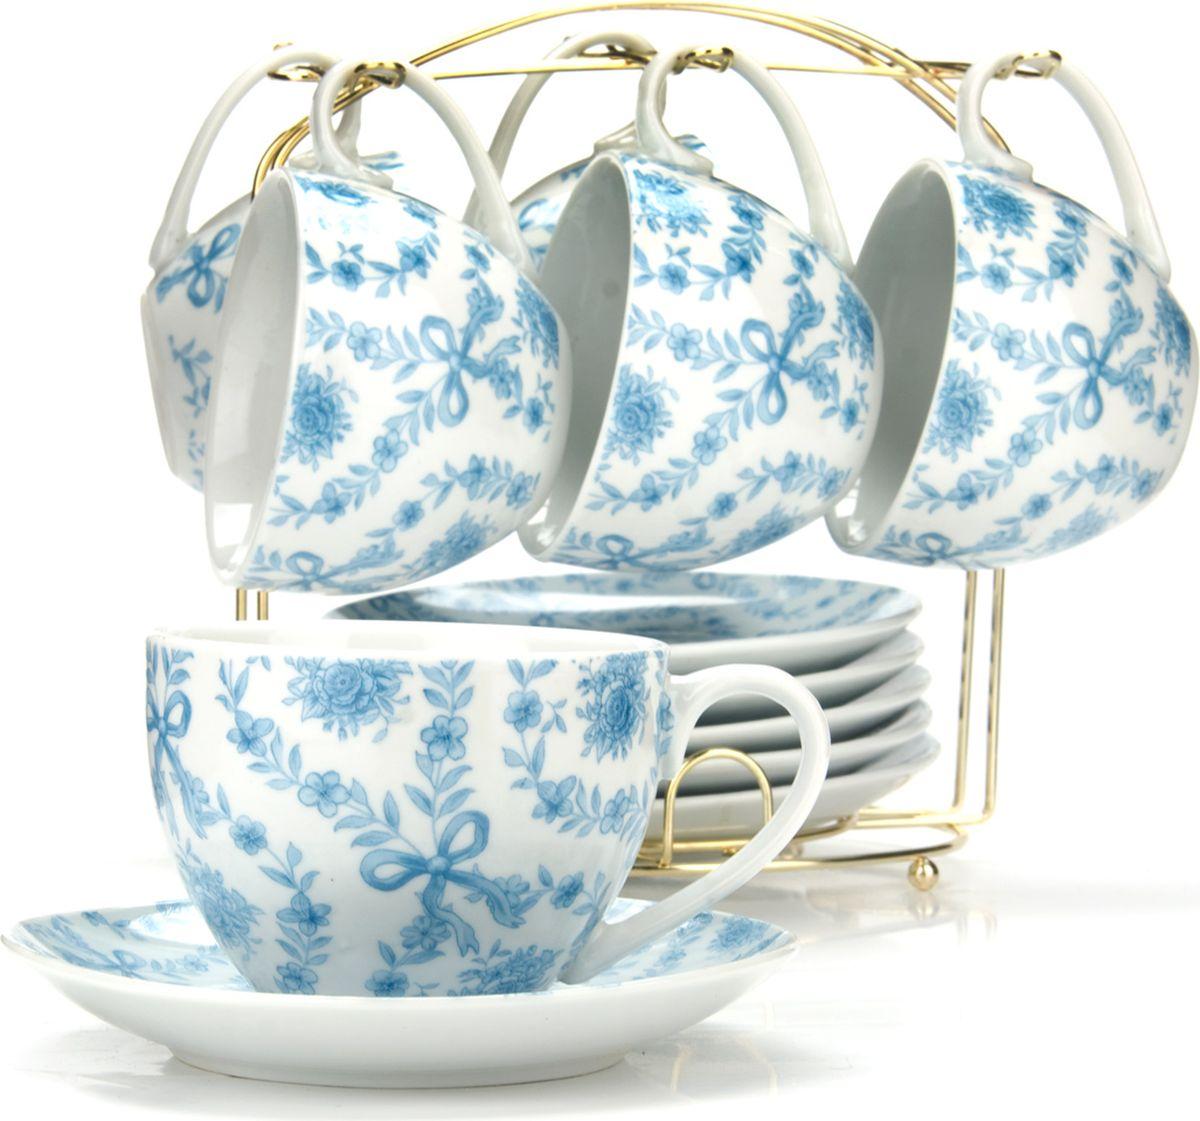 Сервиз чайный Loraine, на подставке, 13 предметов. 43287 сервиз чайный loraine на подставке 13 предметов 43294